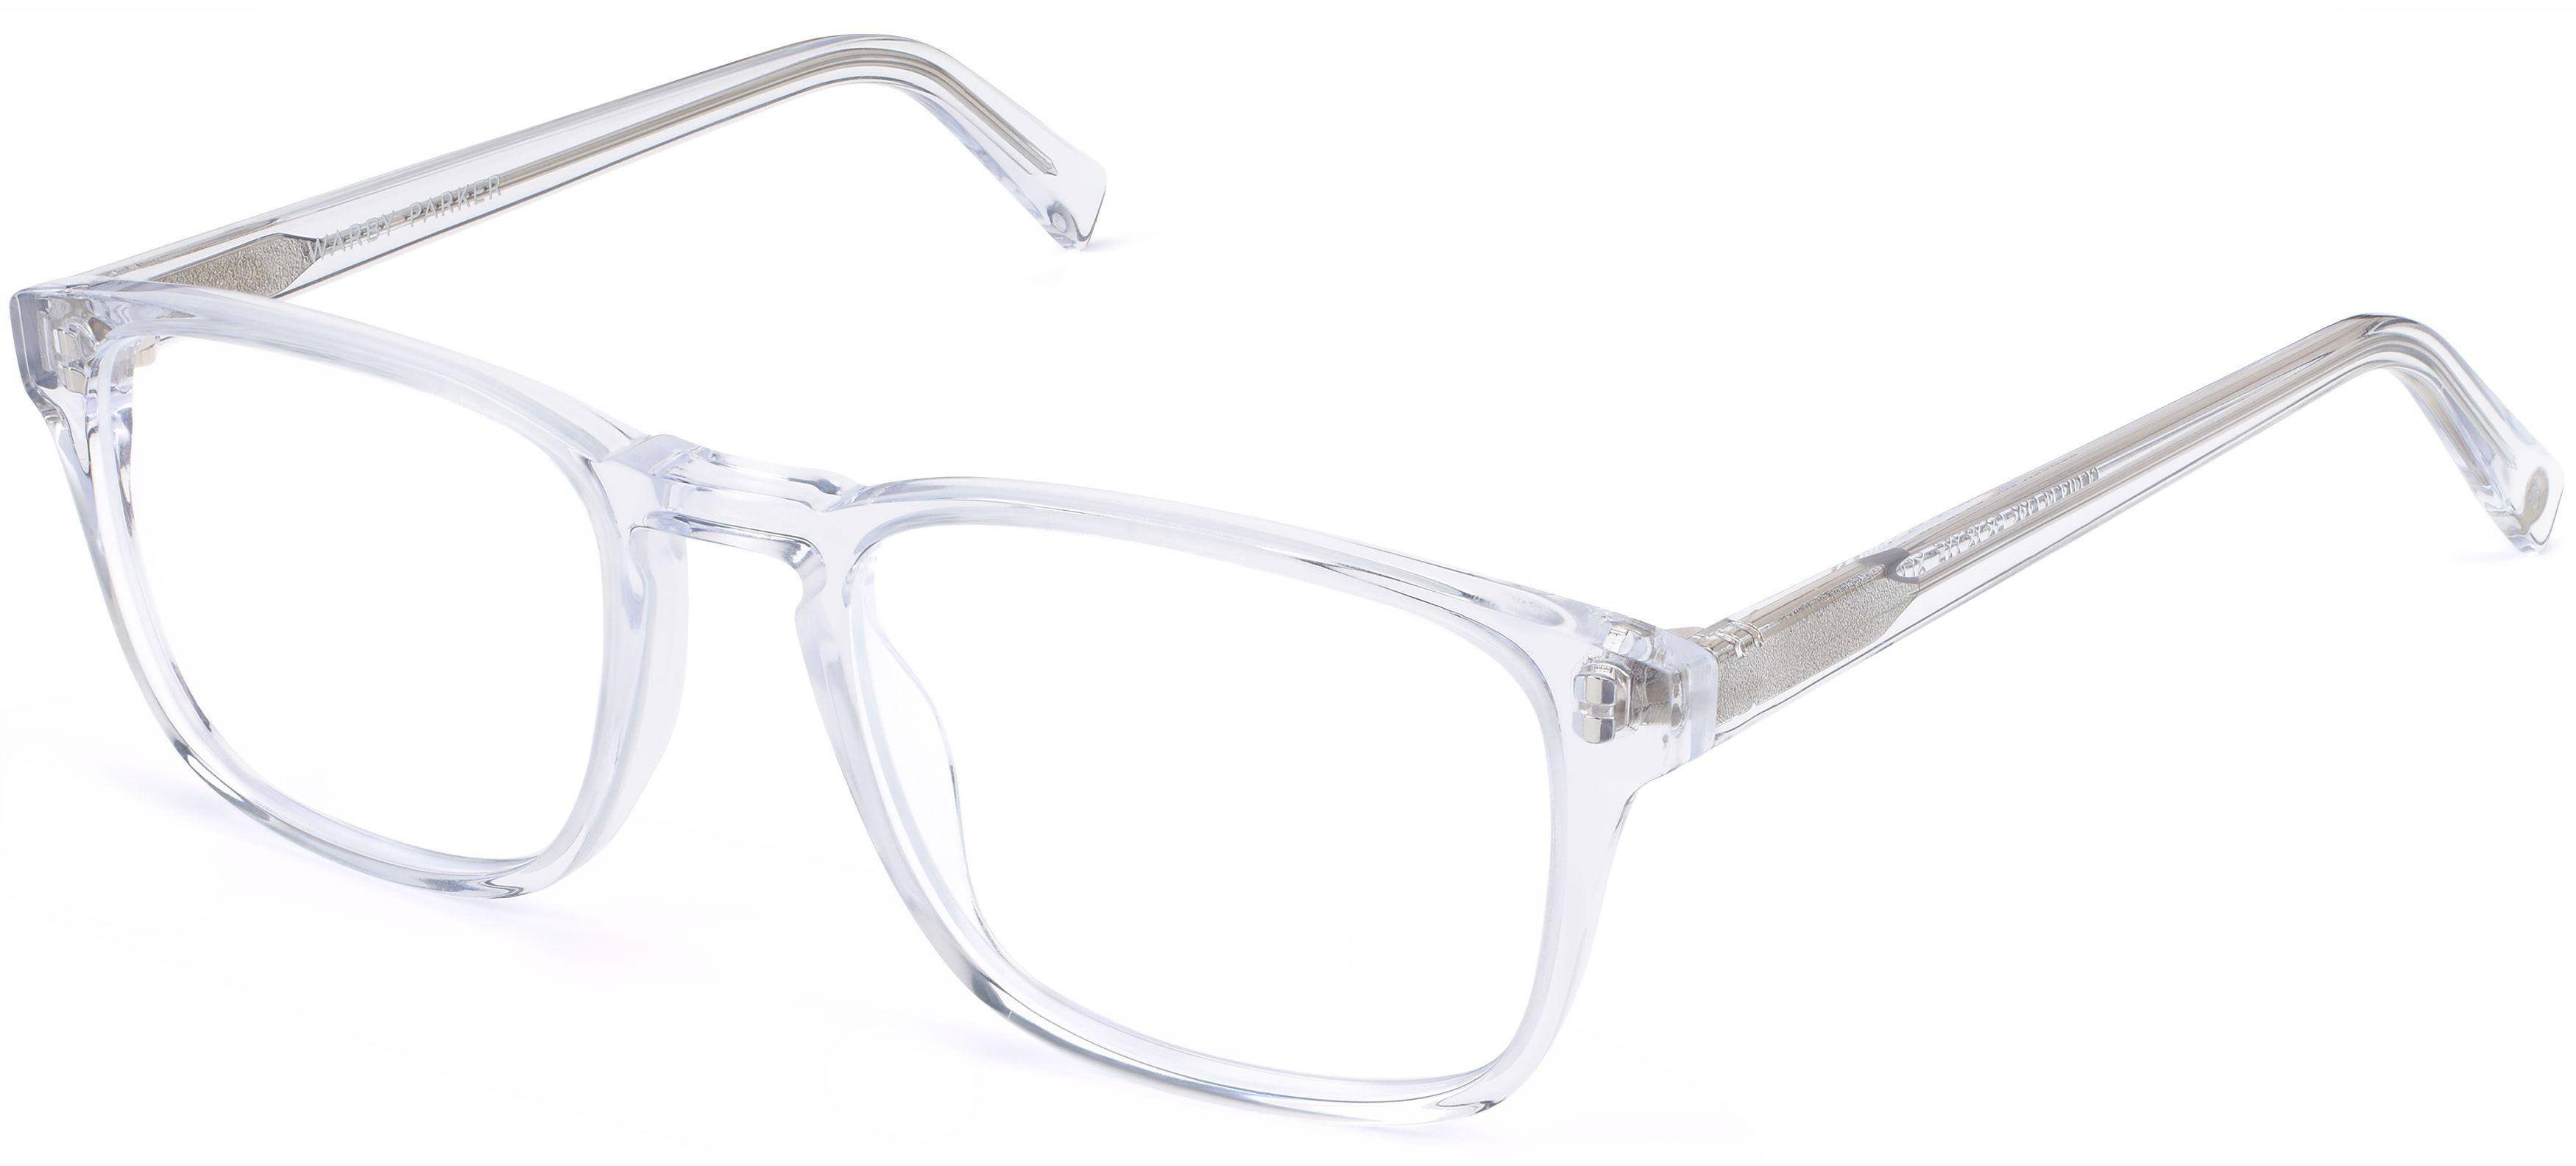 d01127cb22 Bensen Eyeglasses in Crystal for Men